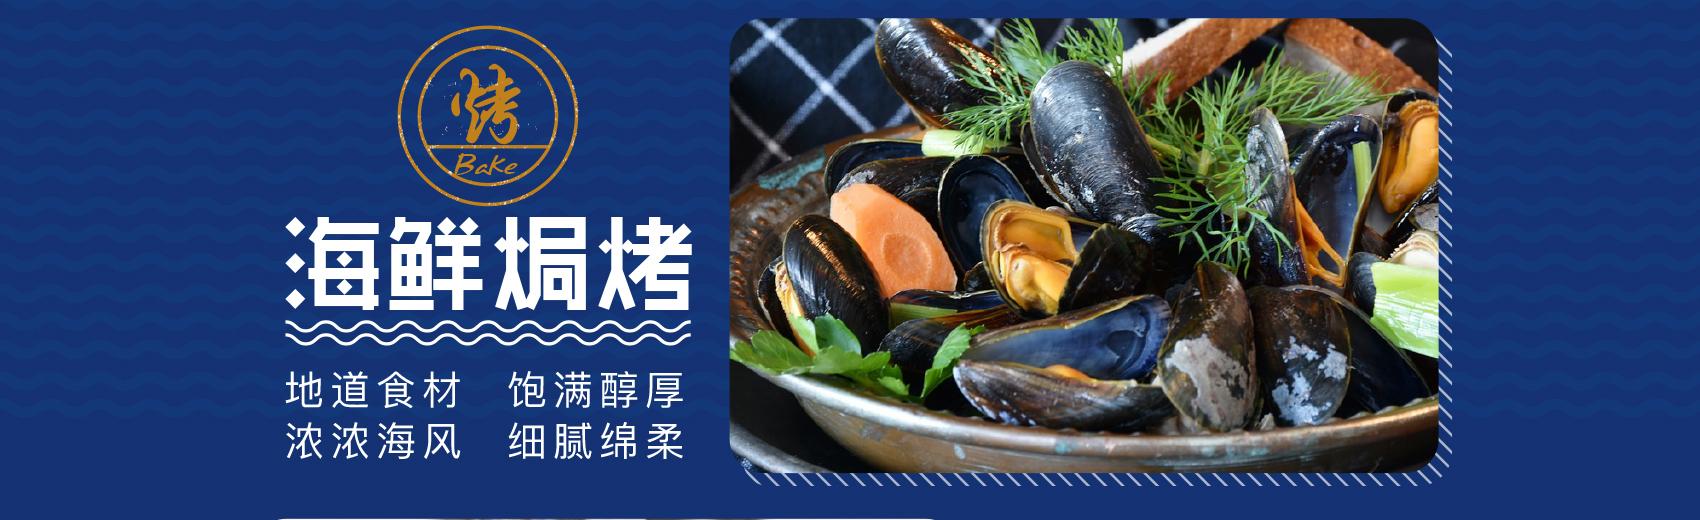 海鲜时间自助餐hxsj_11